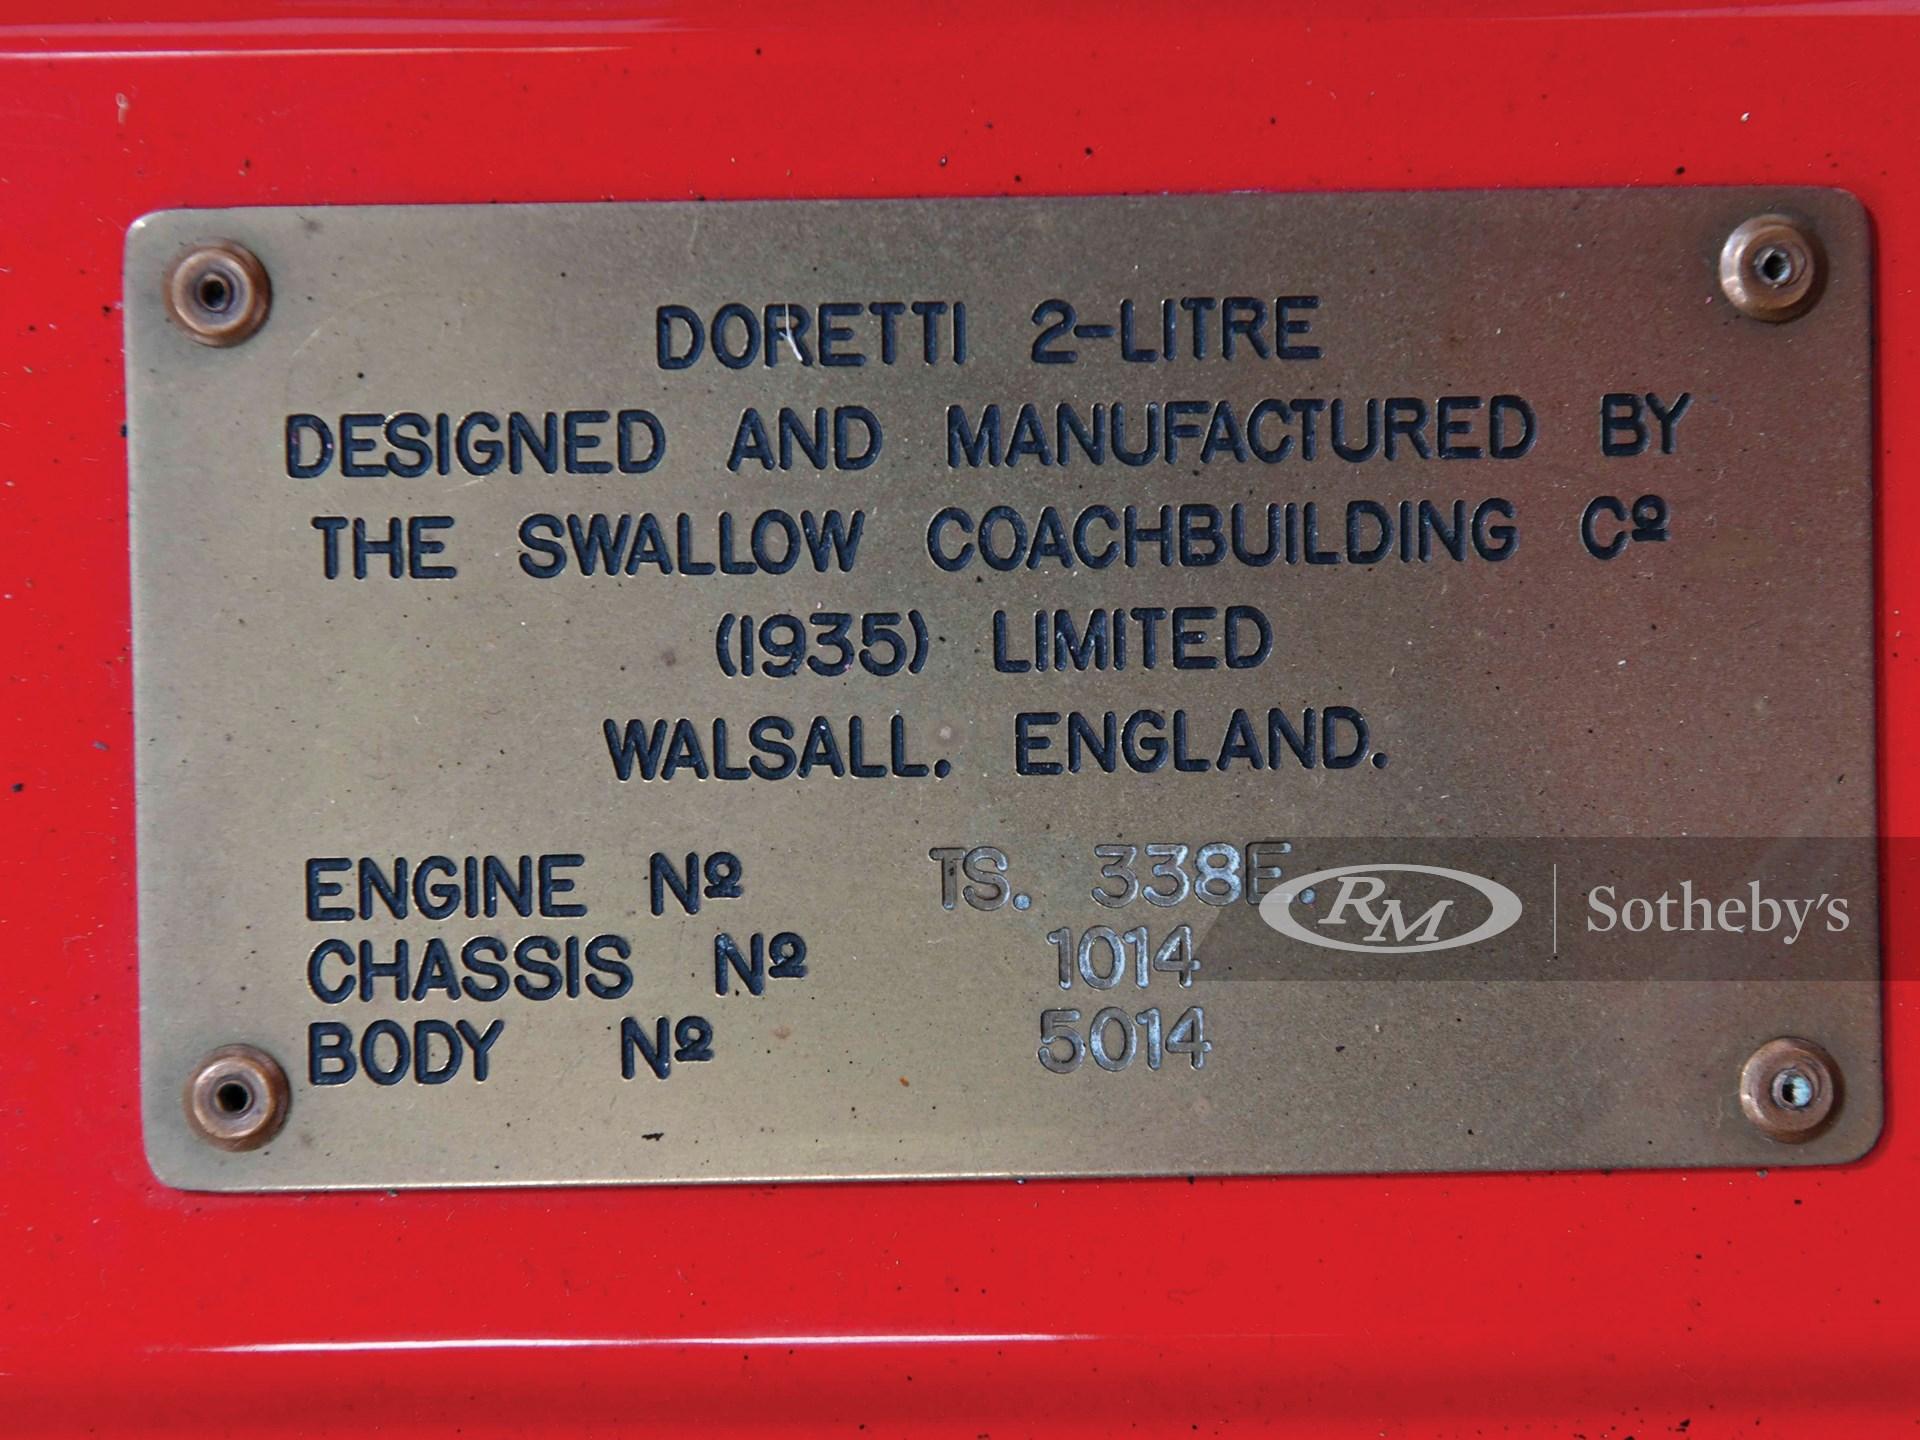 1954 Swallow Doretti  -